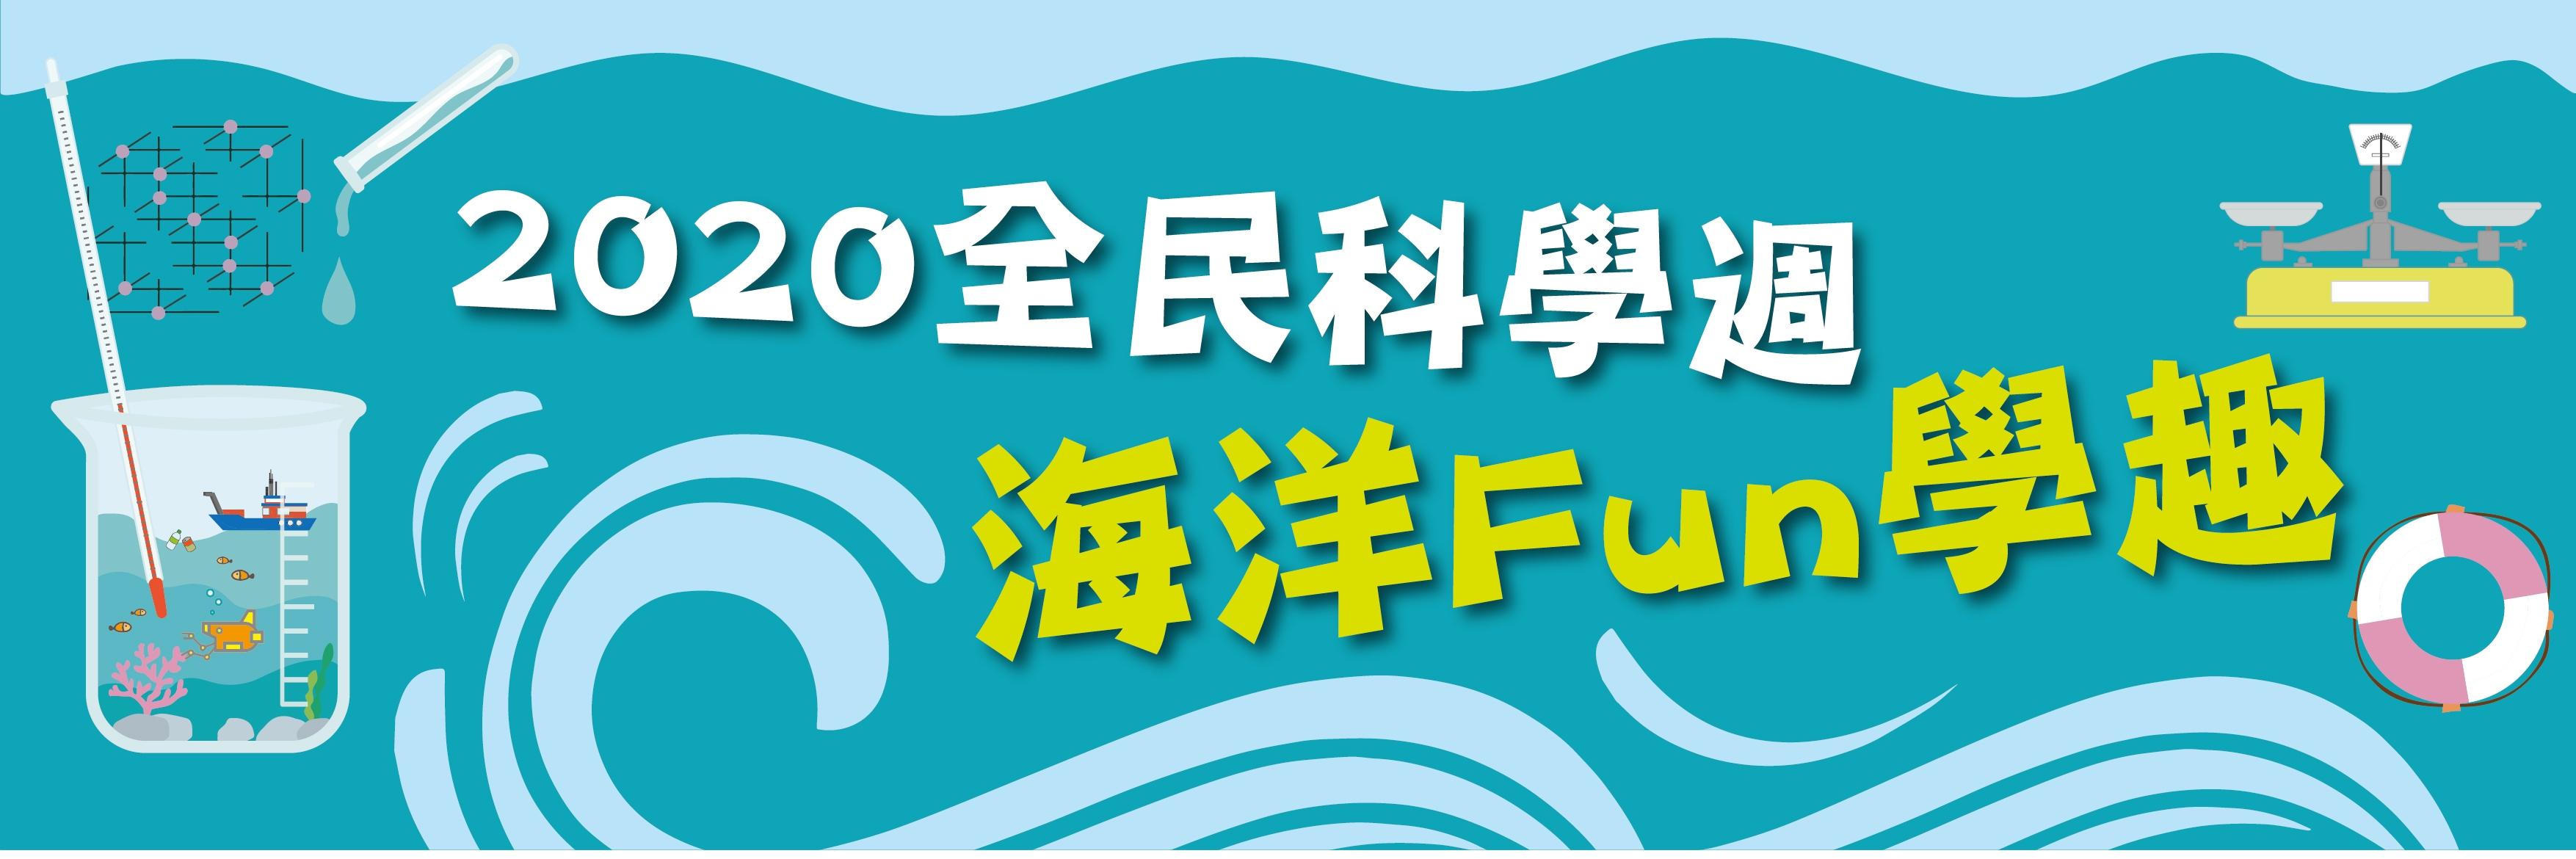 2020全民科學週-海洋FUN學趣活動